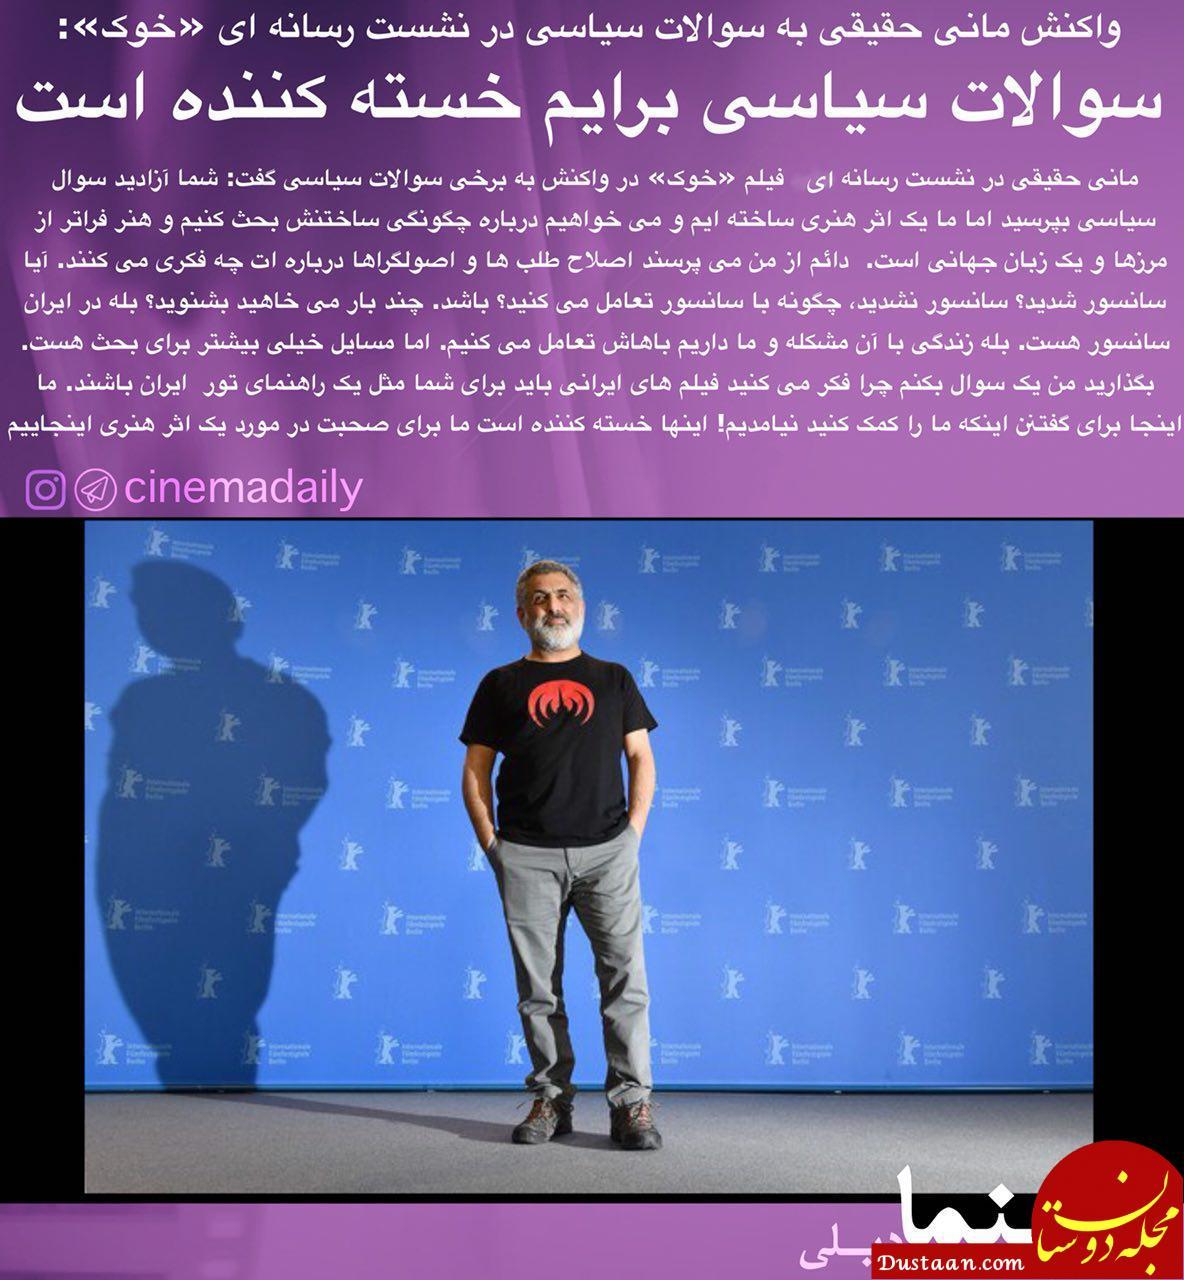 www.dustaan.com مانی حقیقی : سوالات سیاسی برایم خسته کننده است